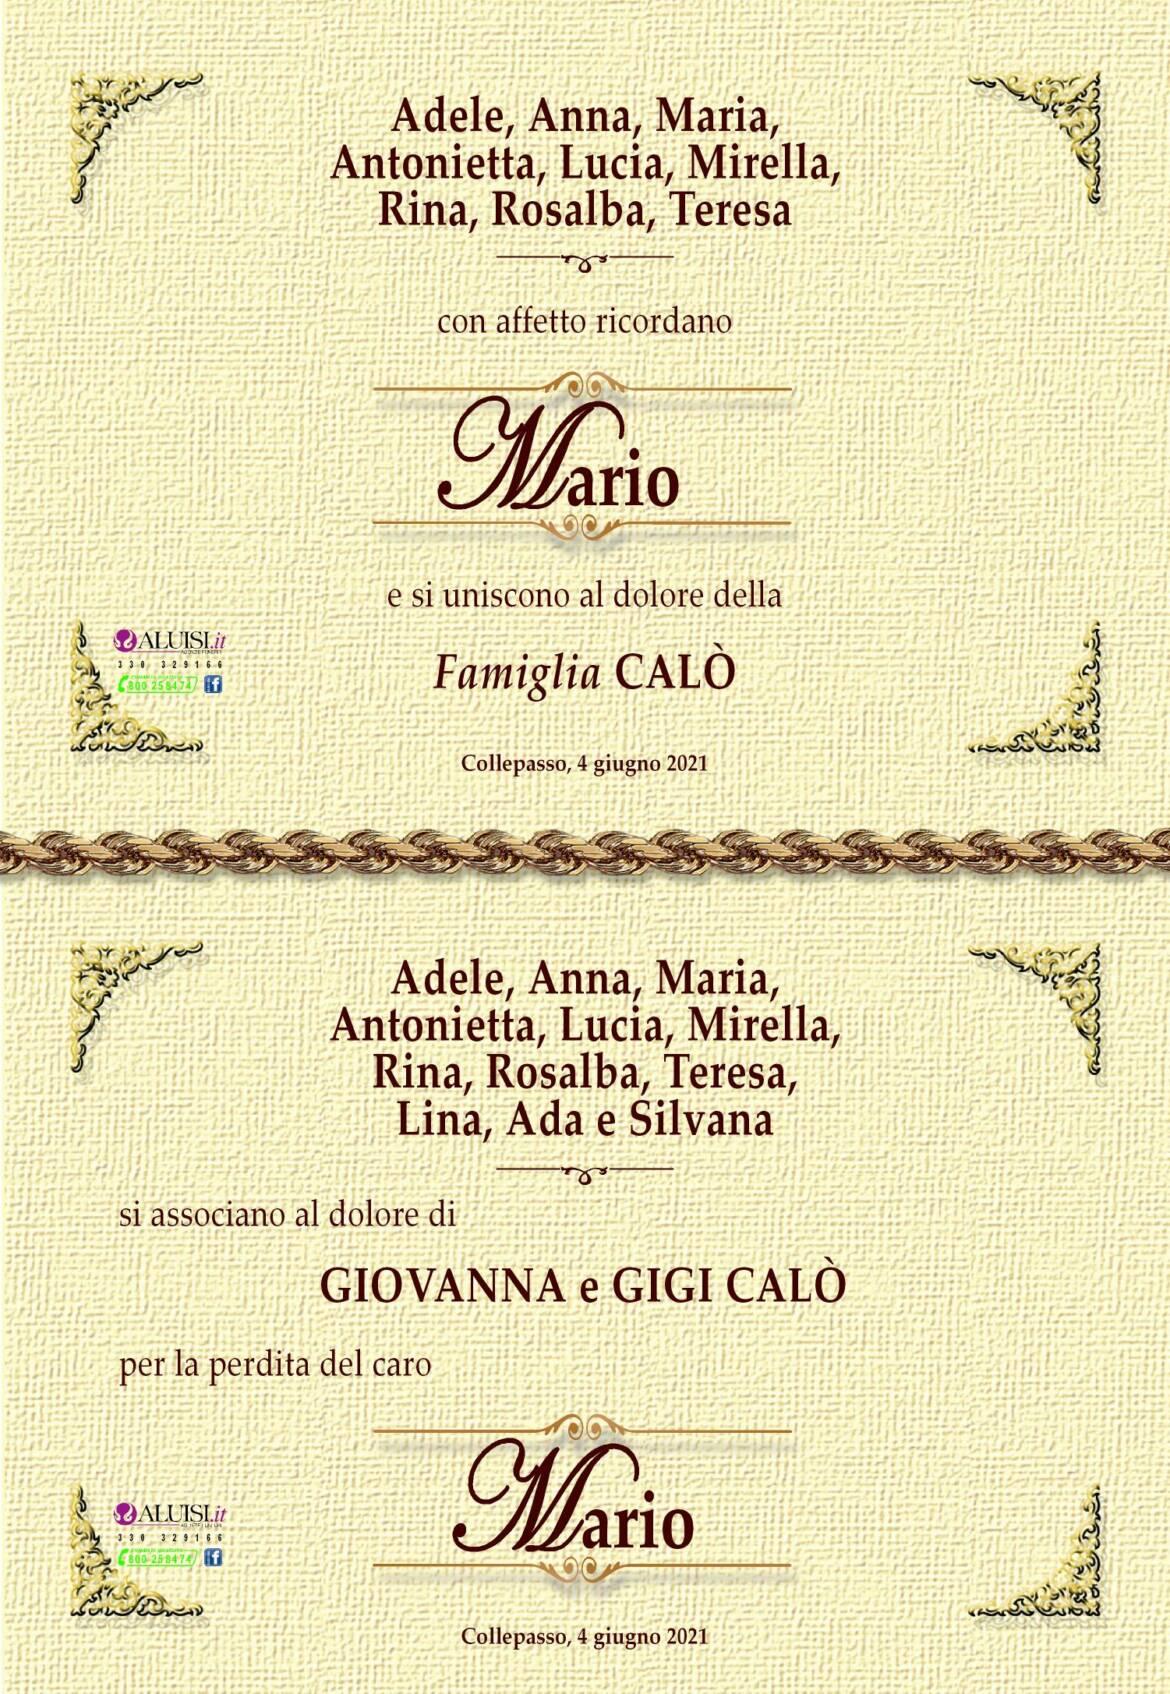 PARTECIPAZIONE-MARIO-CALo-COLLEPASSO-3-1.jpg